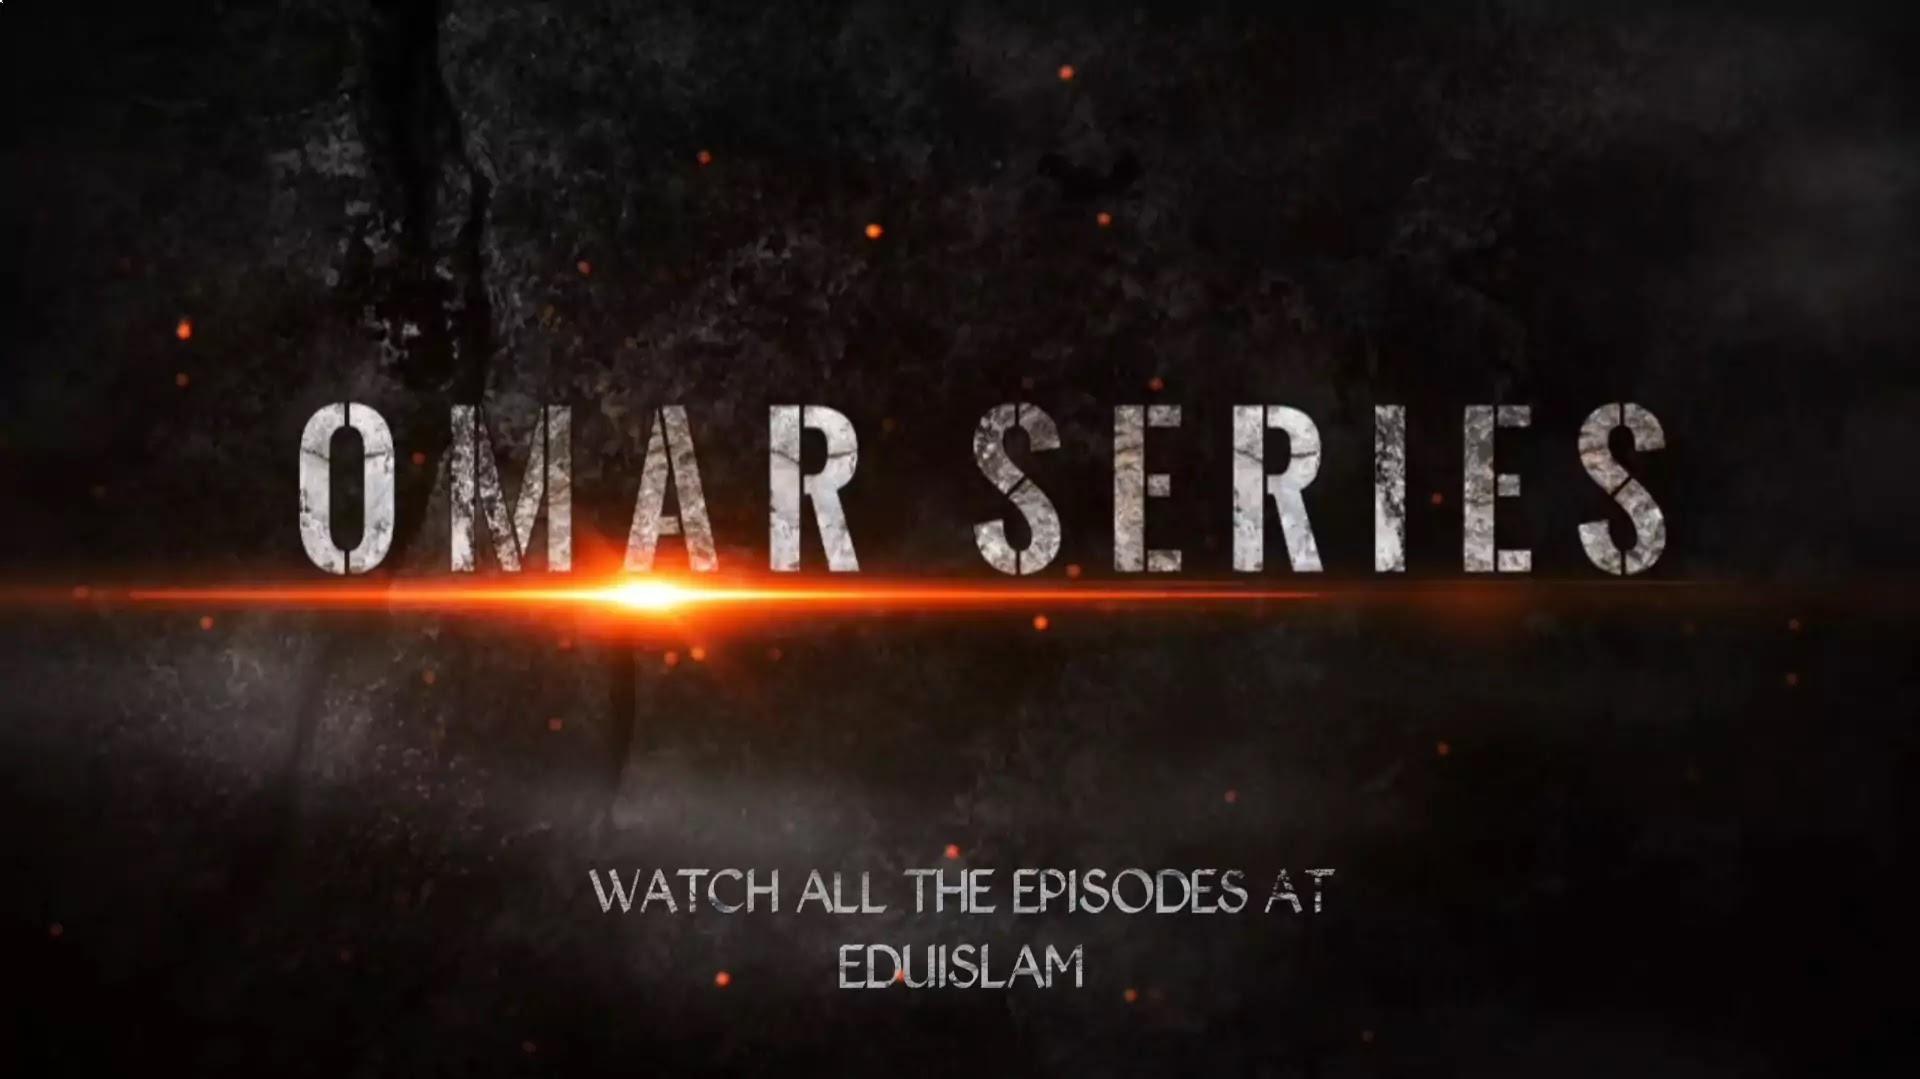 Omar series in Urdu and hindi